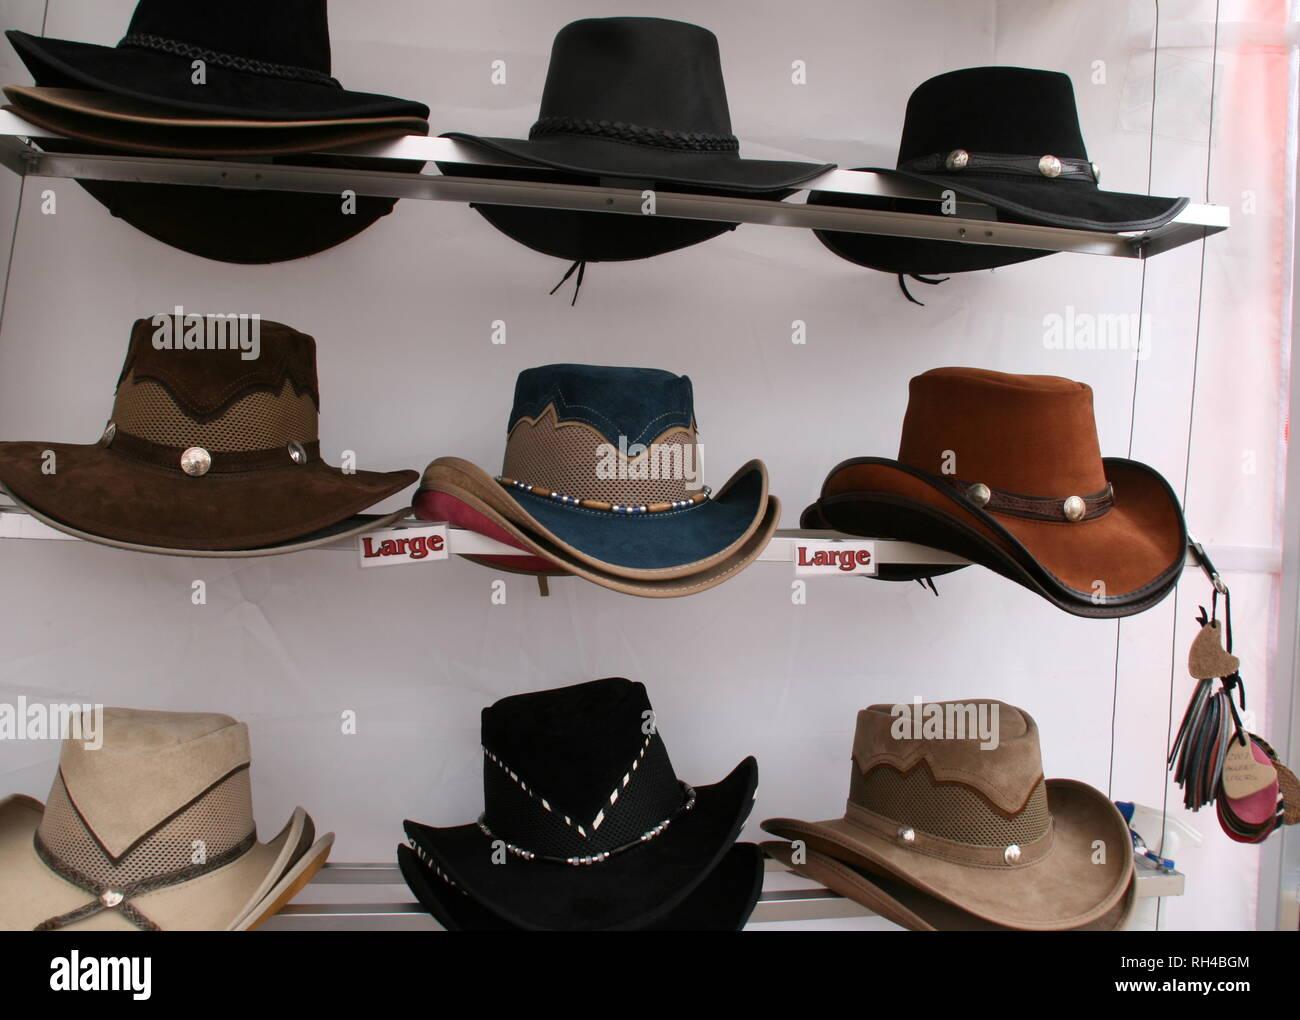 Estos sombreros occidentales están para la venta en este mercado al aire  libre. Imagen De 1273e5b99a4